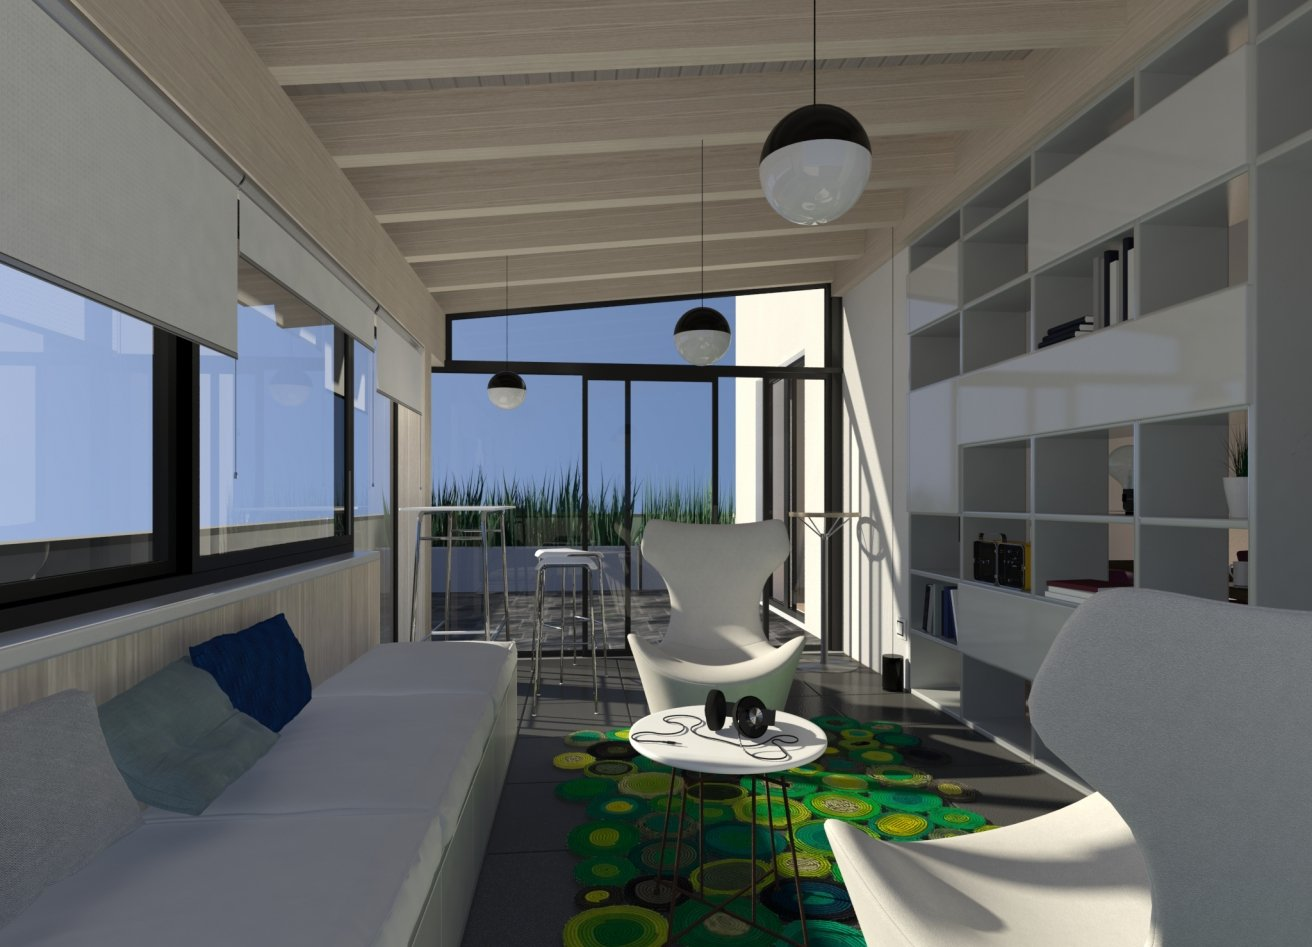 Chiudere il balcone per fare la veranda cose di casa for Verande arredate